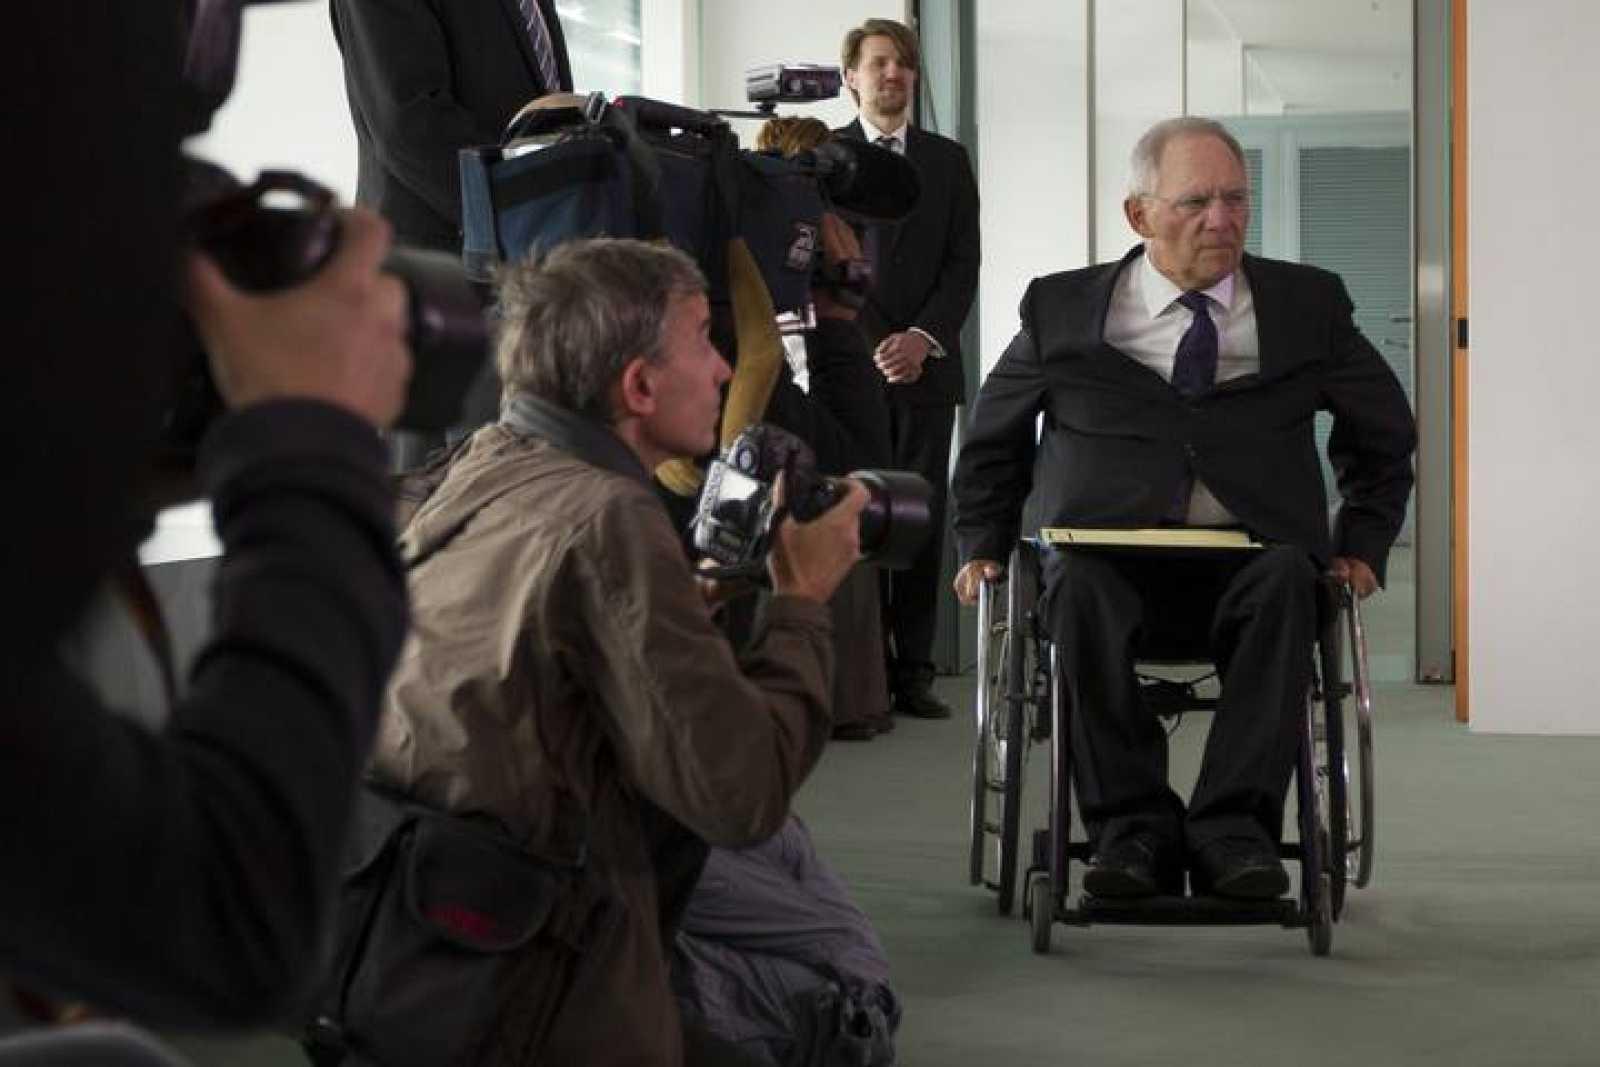 El ministro de Finanzas alemán, Wolfgang Schauble, a su llegada a una reunión de ministros en la Cancillería.